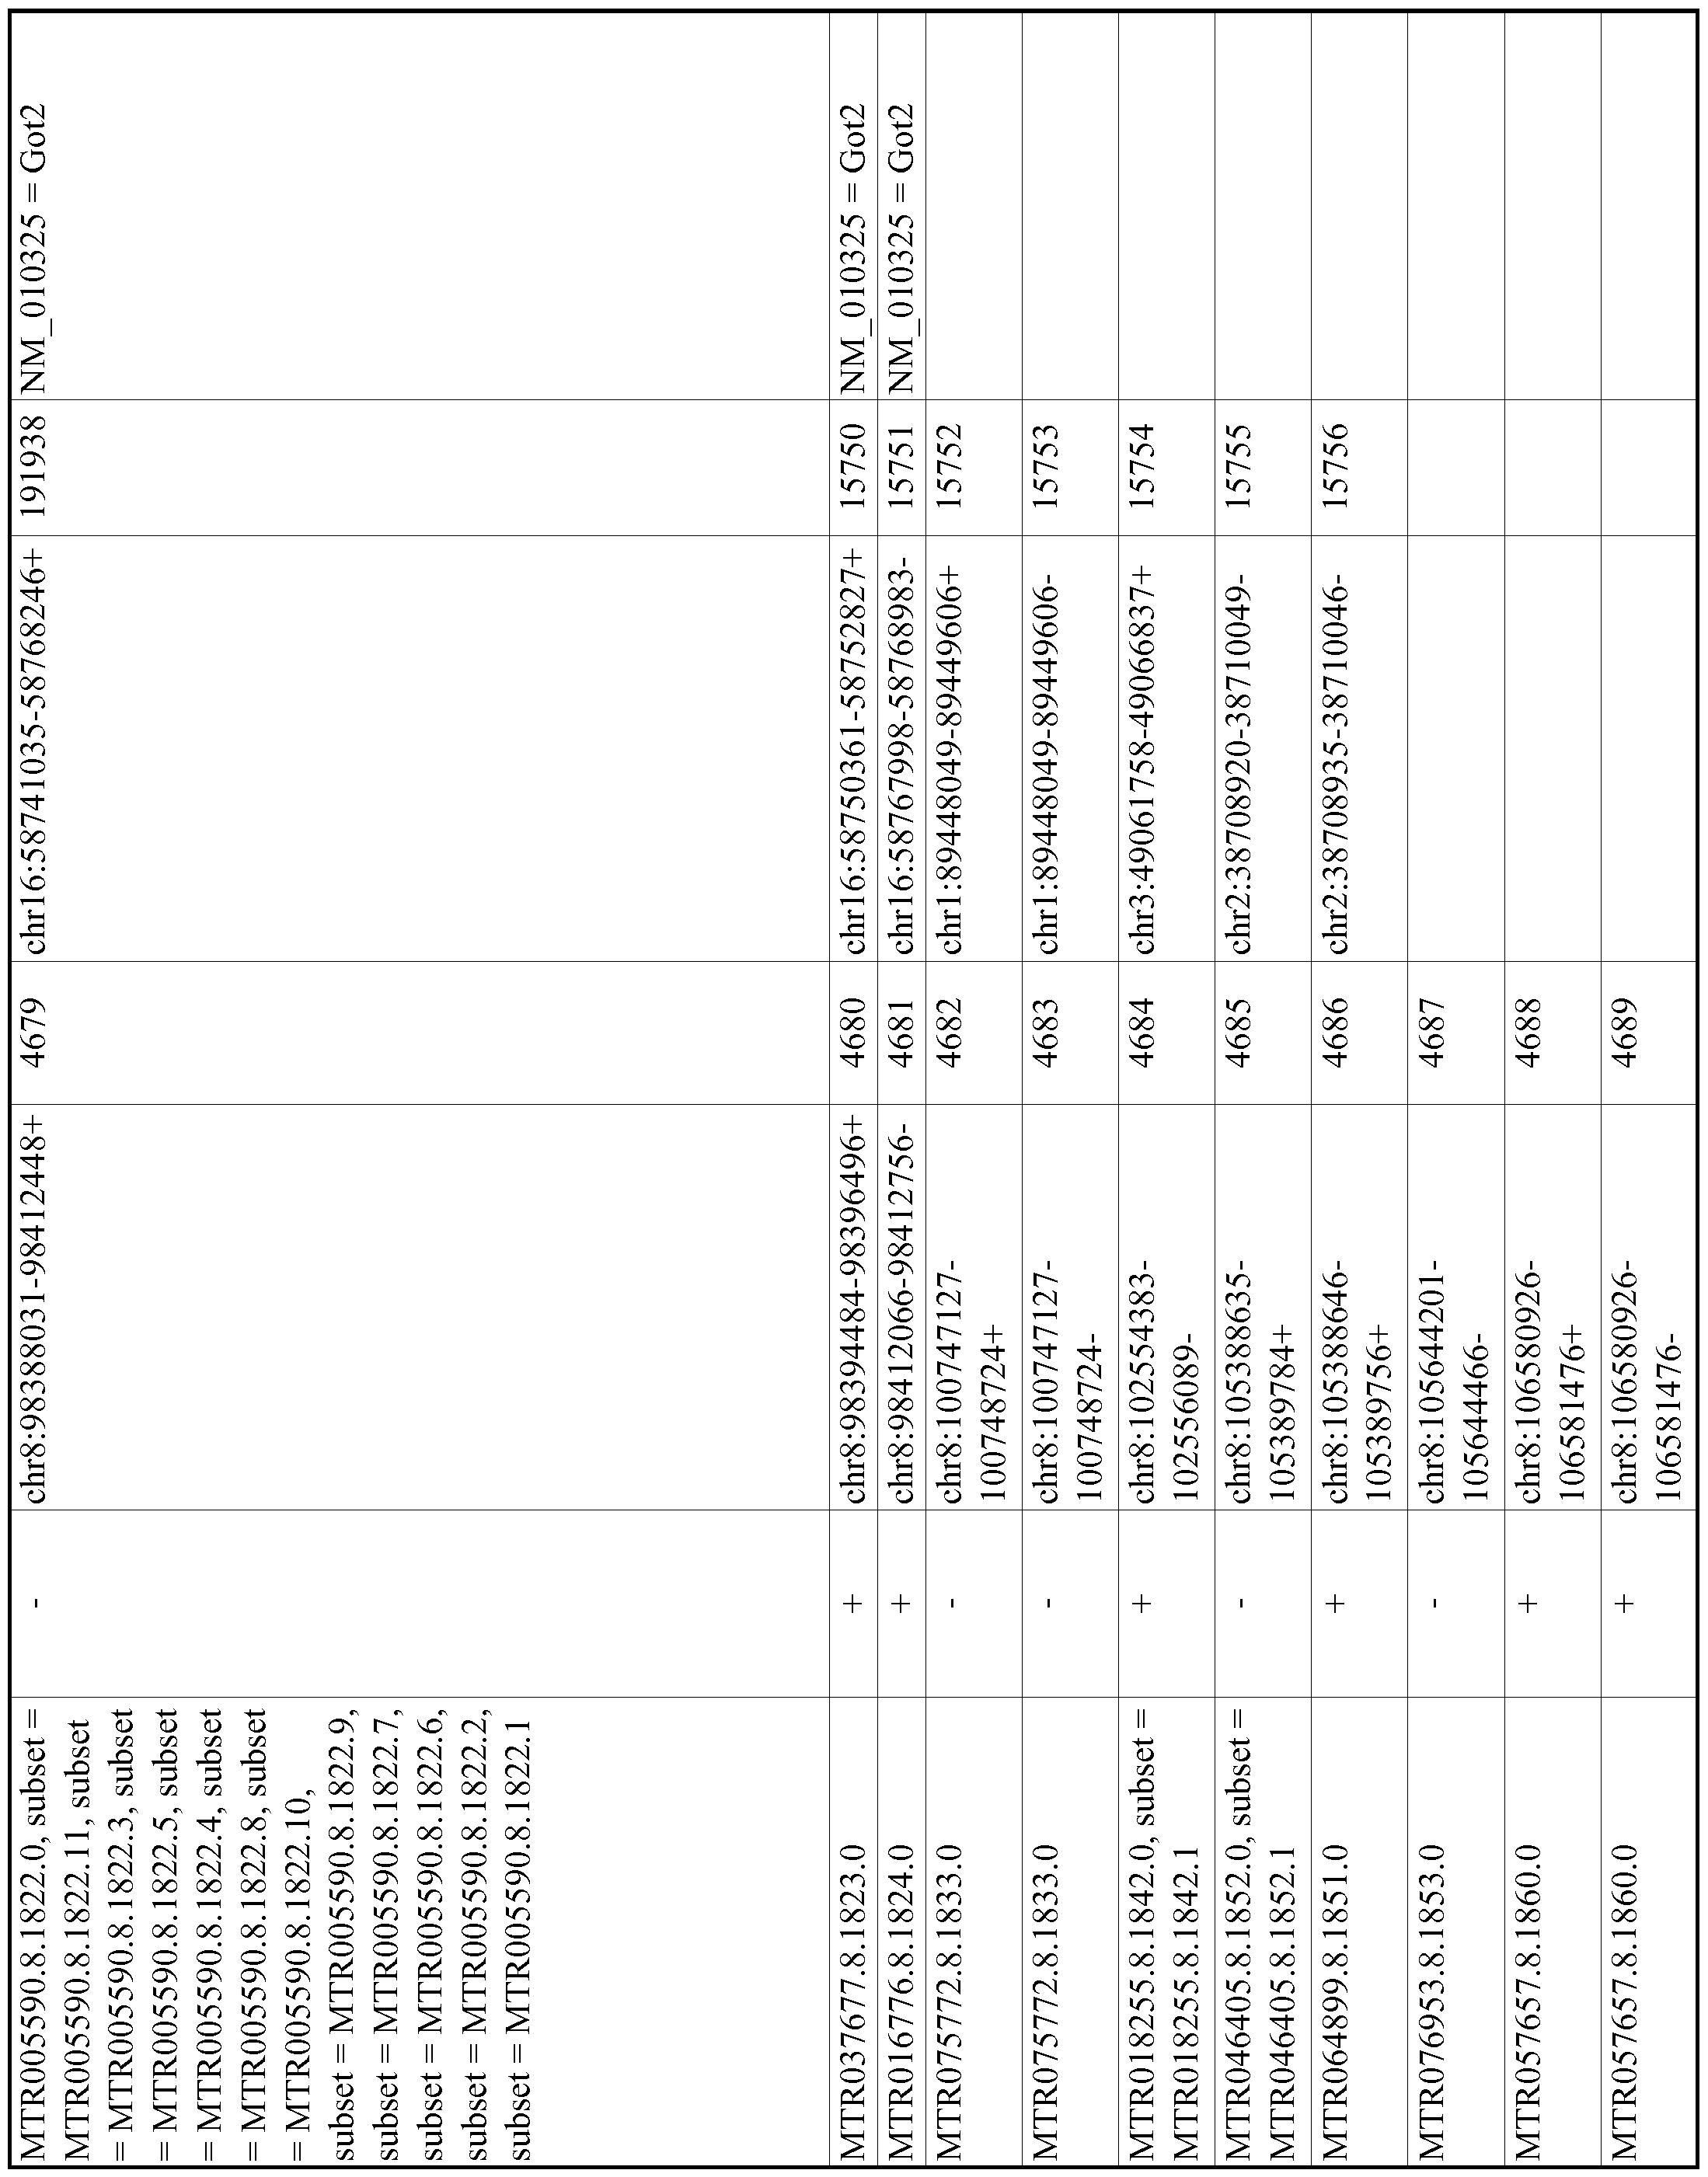 Figure imgf000868_0001